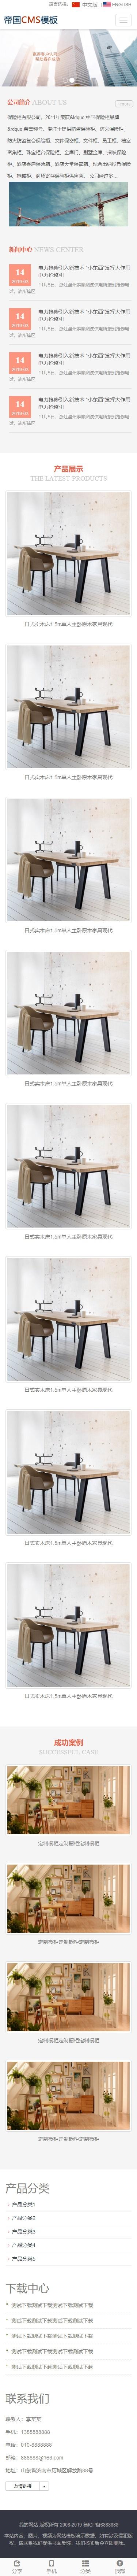 中英文双语自适应帝国cms企业网站模板外贸企业网站源码_手机版首页